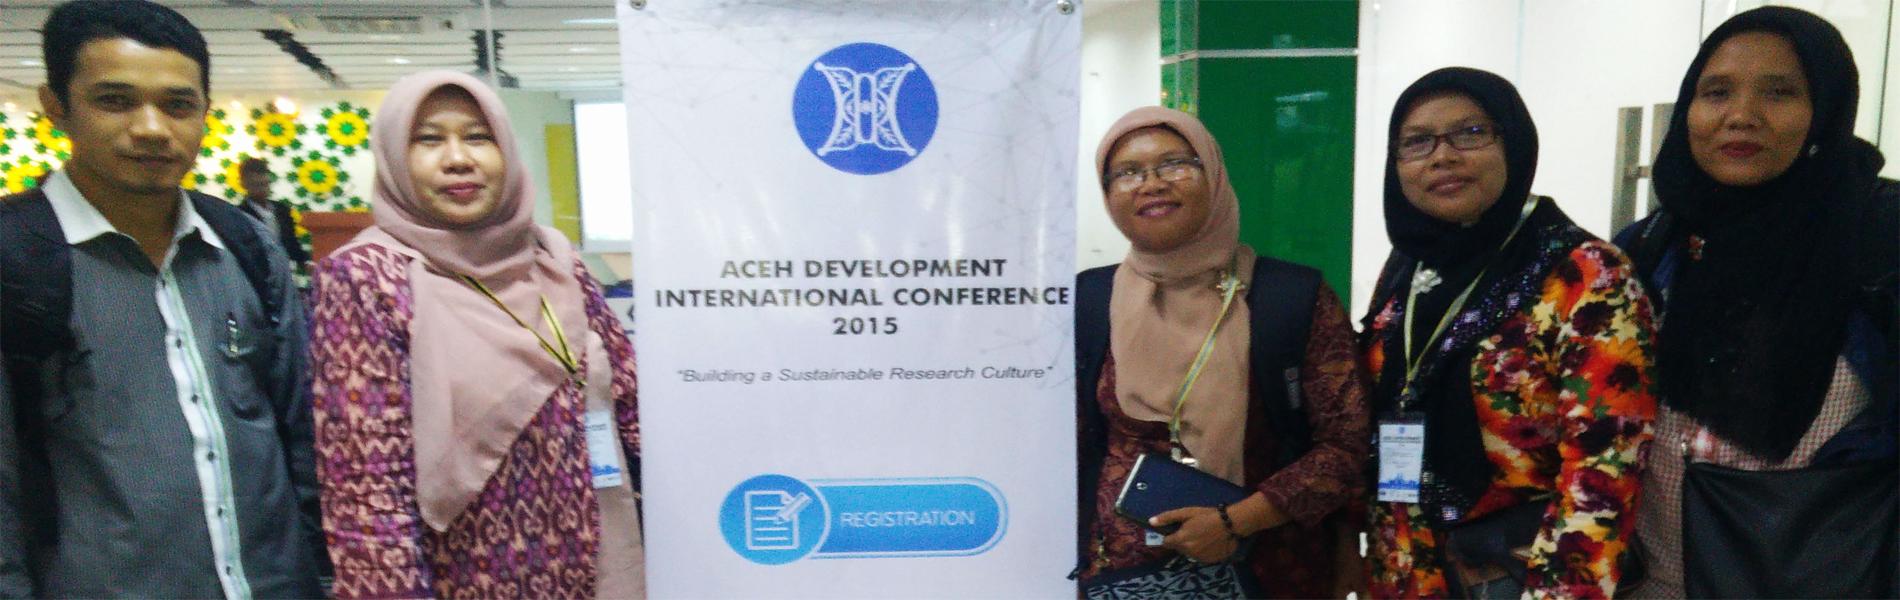 ADIC 2015, Malaysia